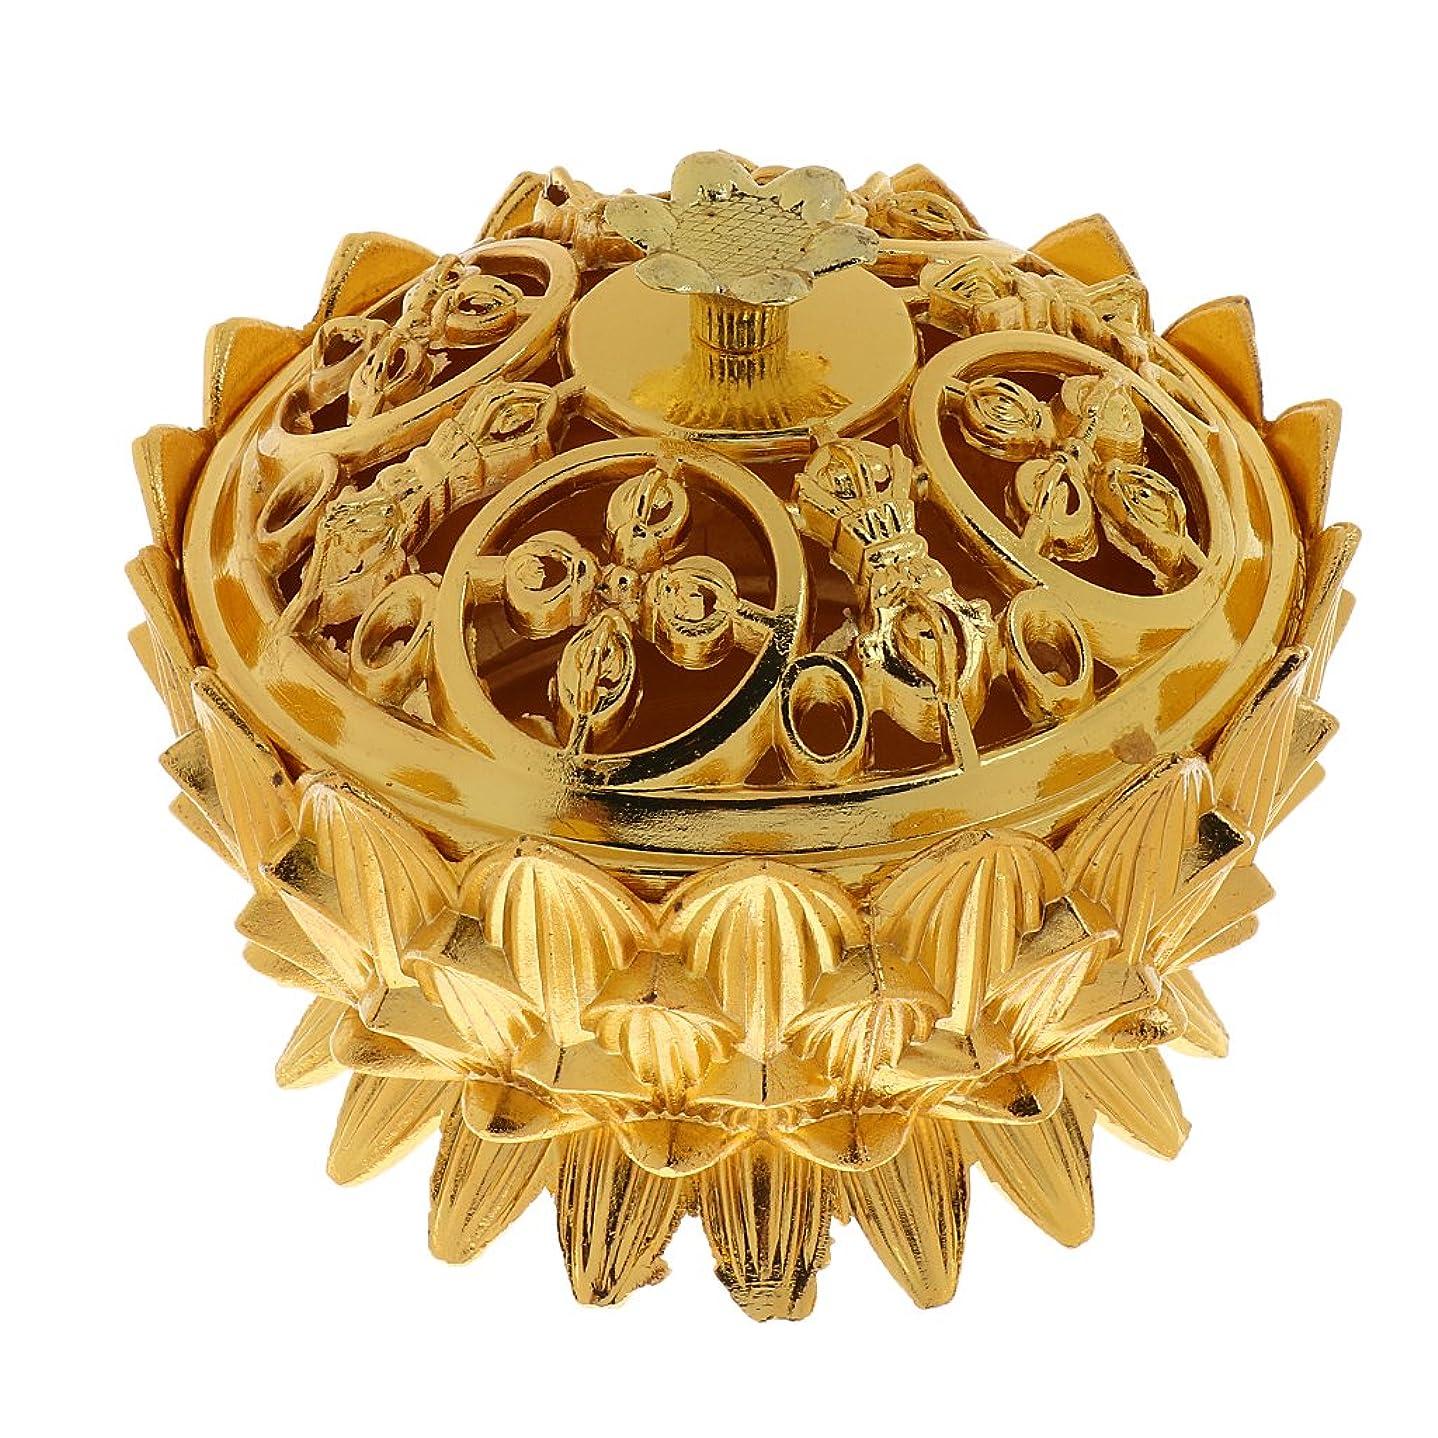 ドアミラー静けさ協定Fenteer 合金 ロータス フラワーデザイン 香炉 香りバーナー コーンホルダー クラフト 全3選択 - #3